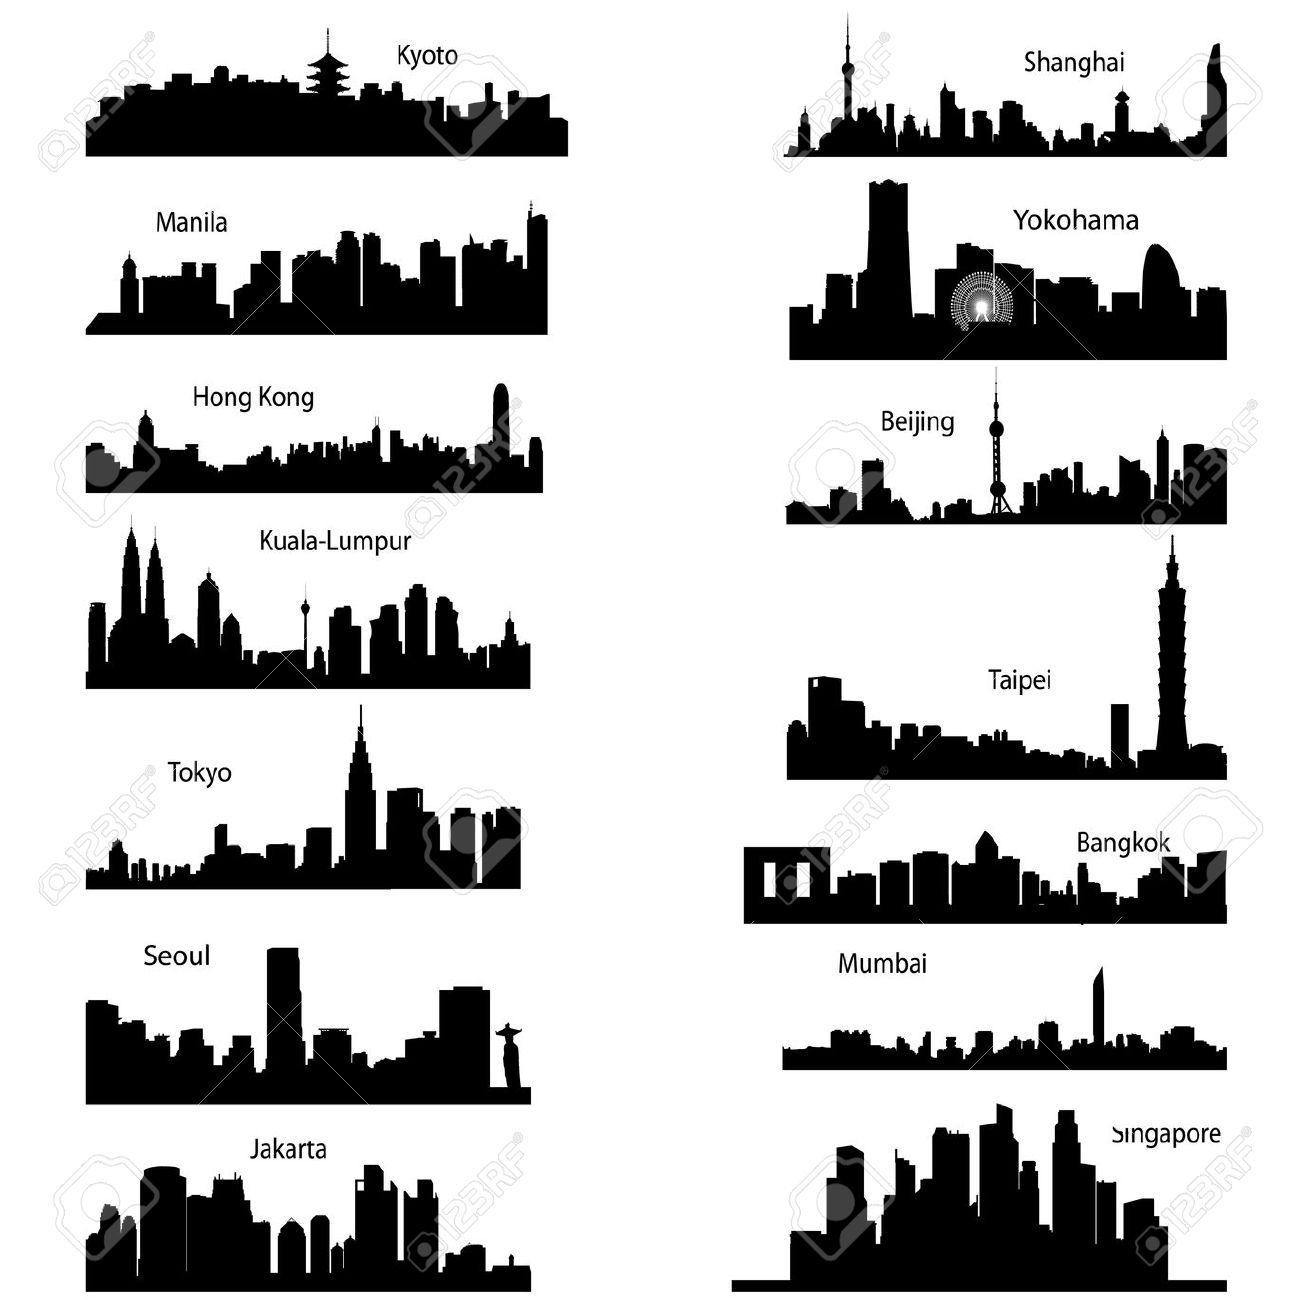 City Landscape Silhouette | www.pixshark.com - Images ...